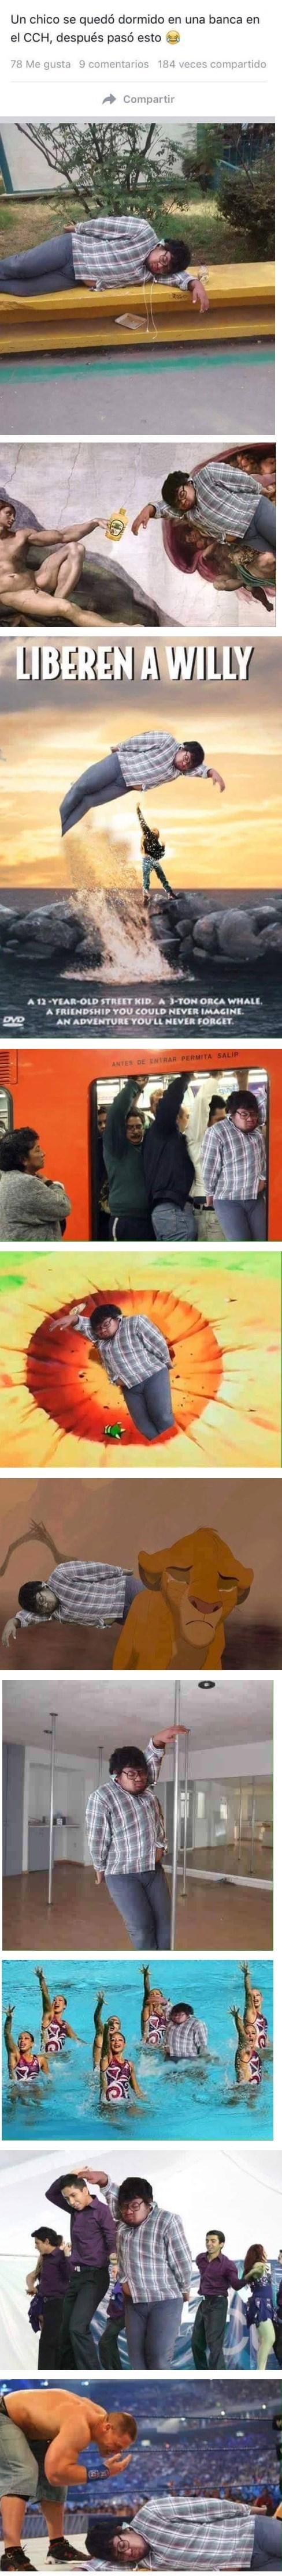 photoshopeos